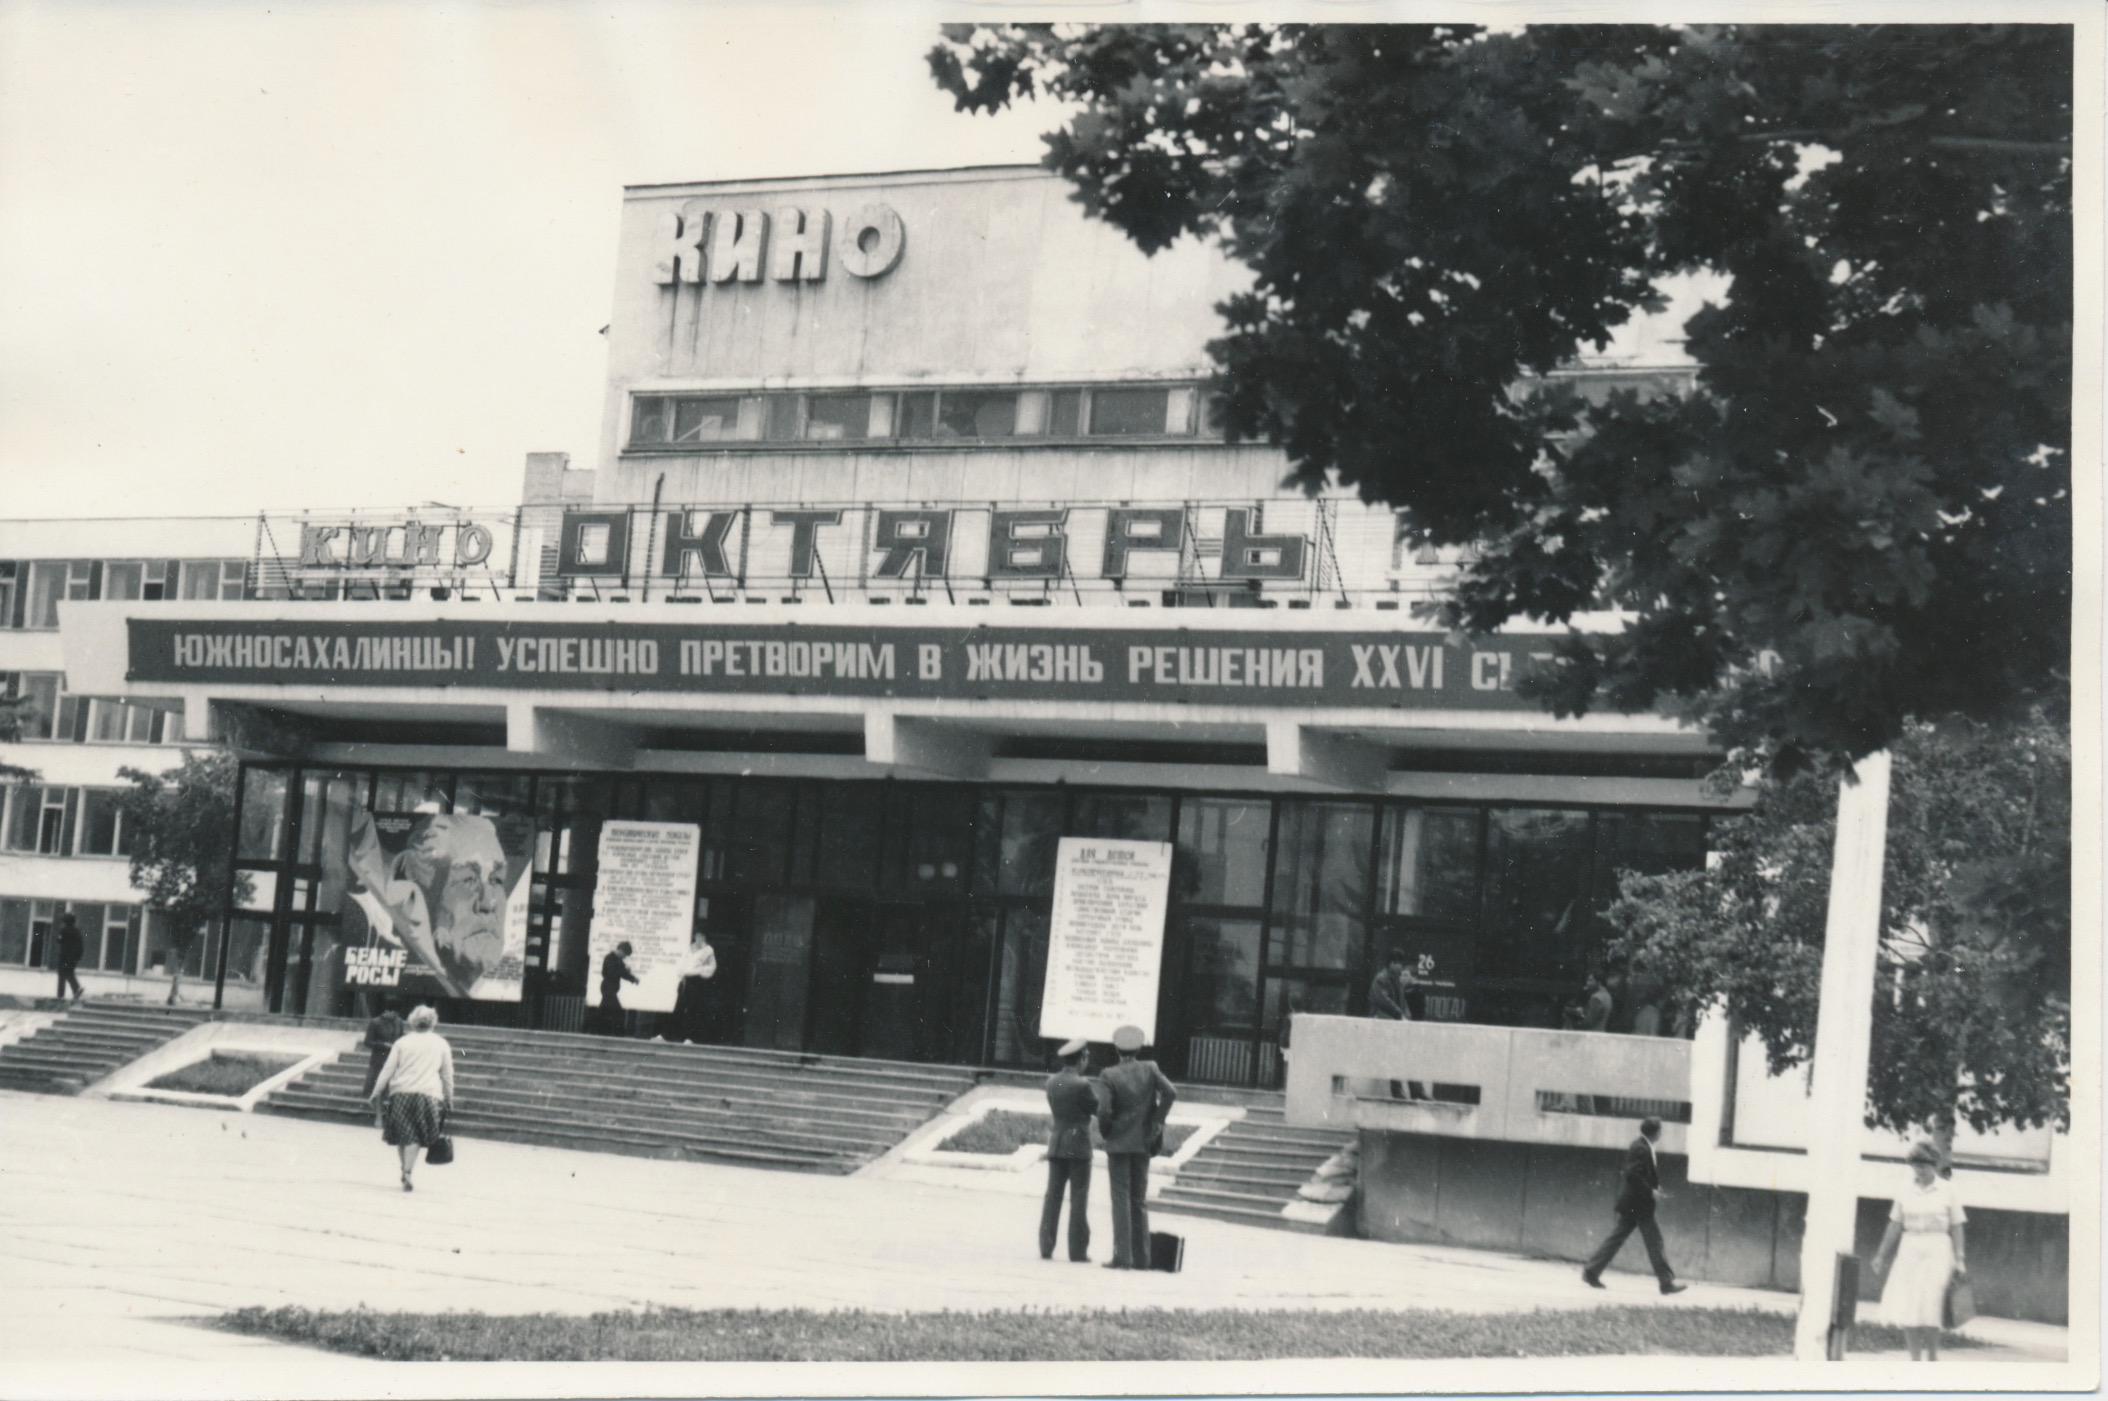 Кинотеатр Октябрь в г. Южно-Сахалинск